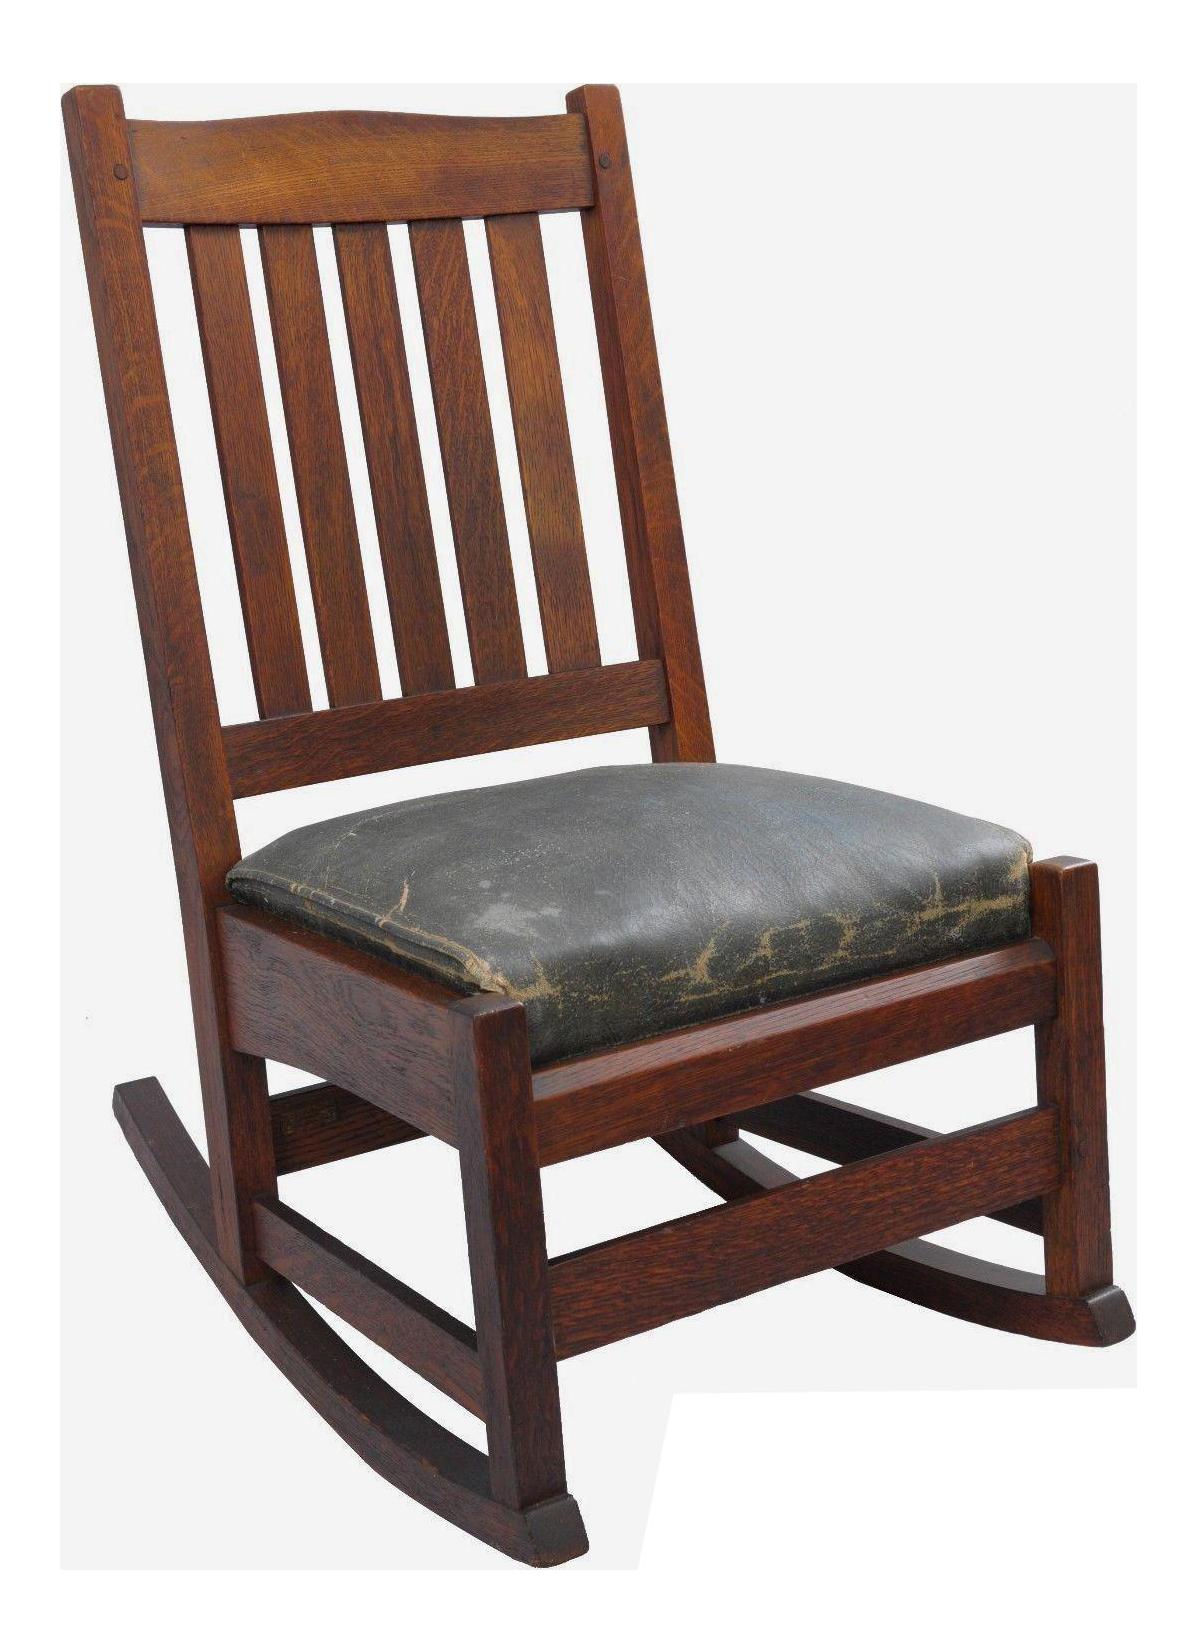 L. U0026 J.G. Stickley, Inc. Mission Oak Youth Nursing Rocking Chair